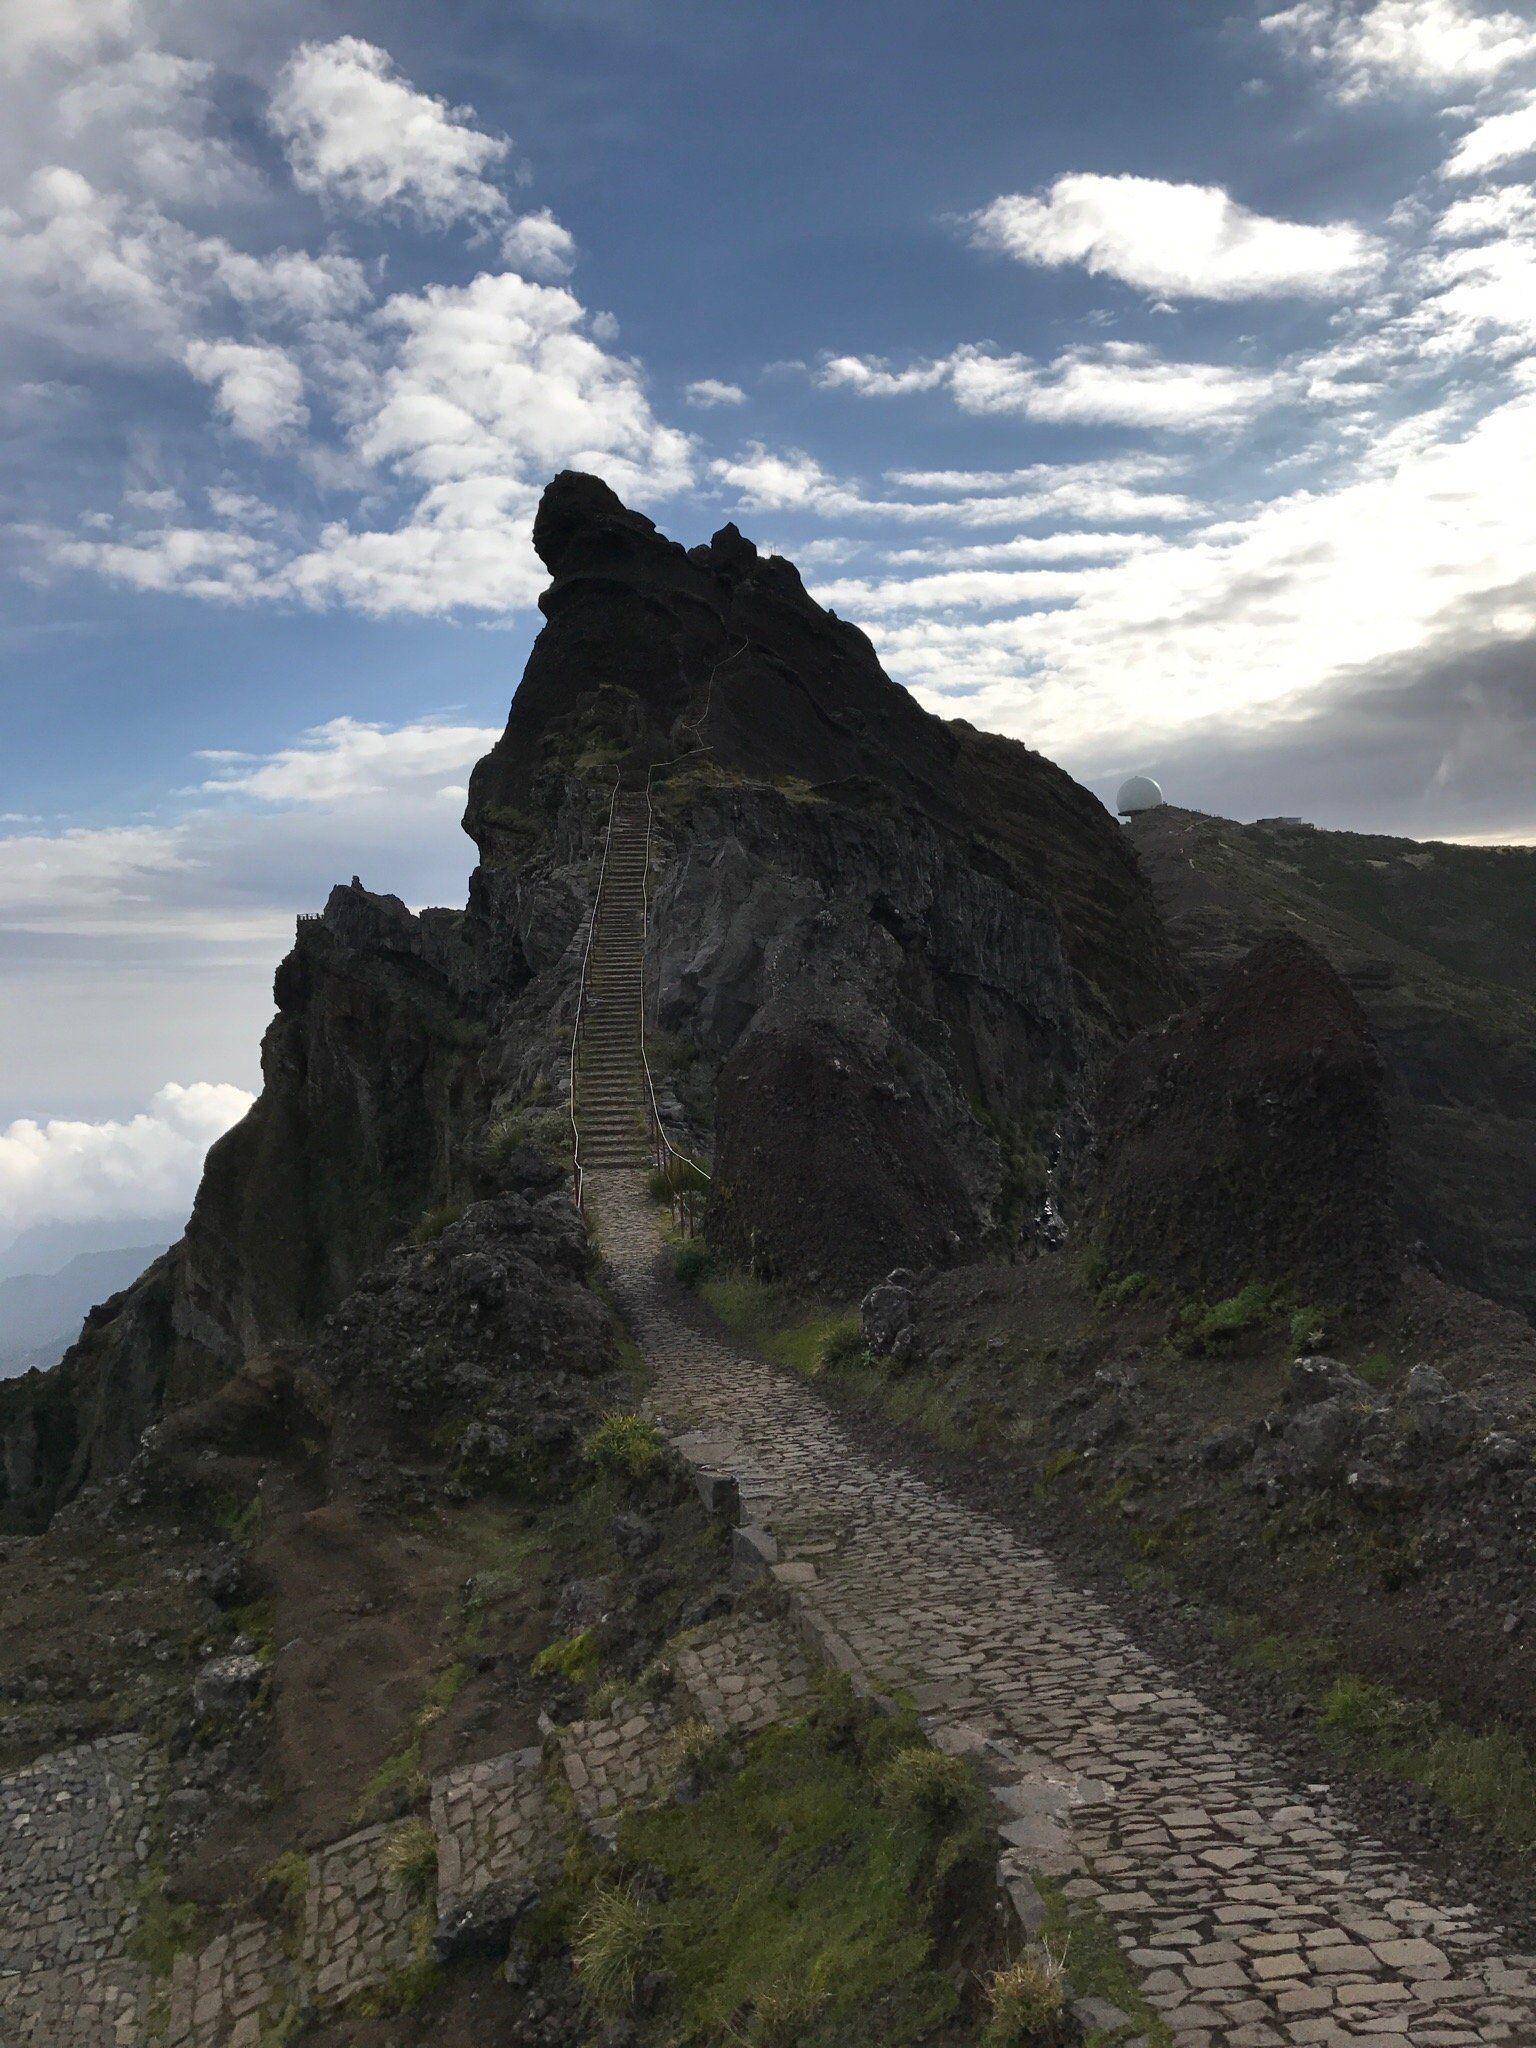 Pico Ruivo Madeira Islands Portugal Top Tips Before You Go